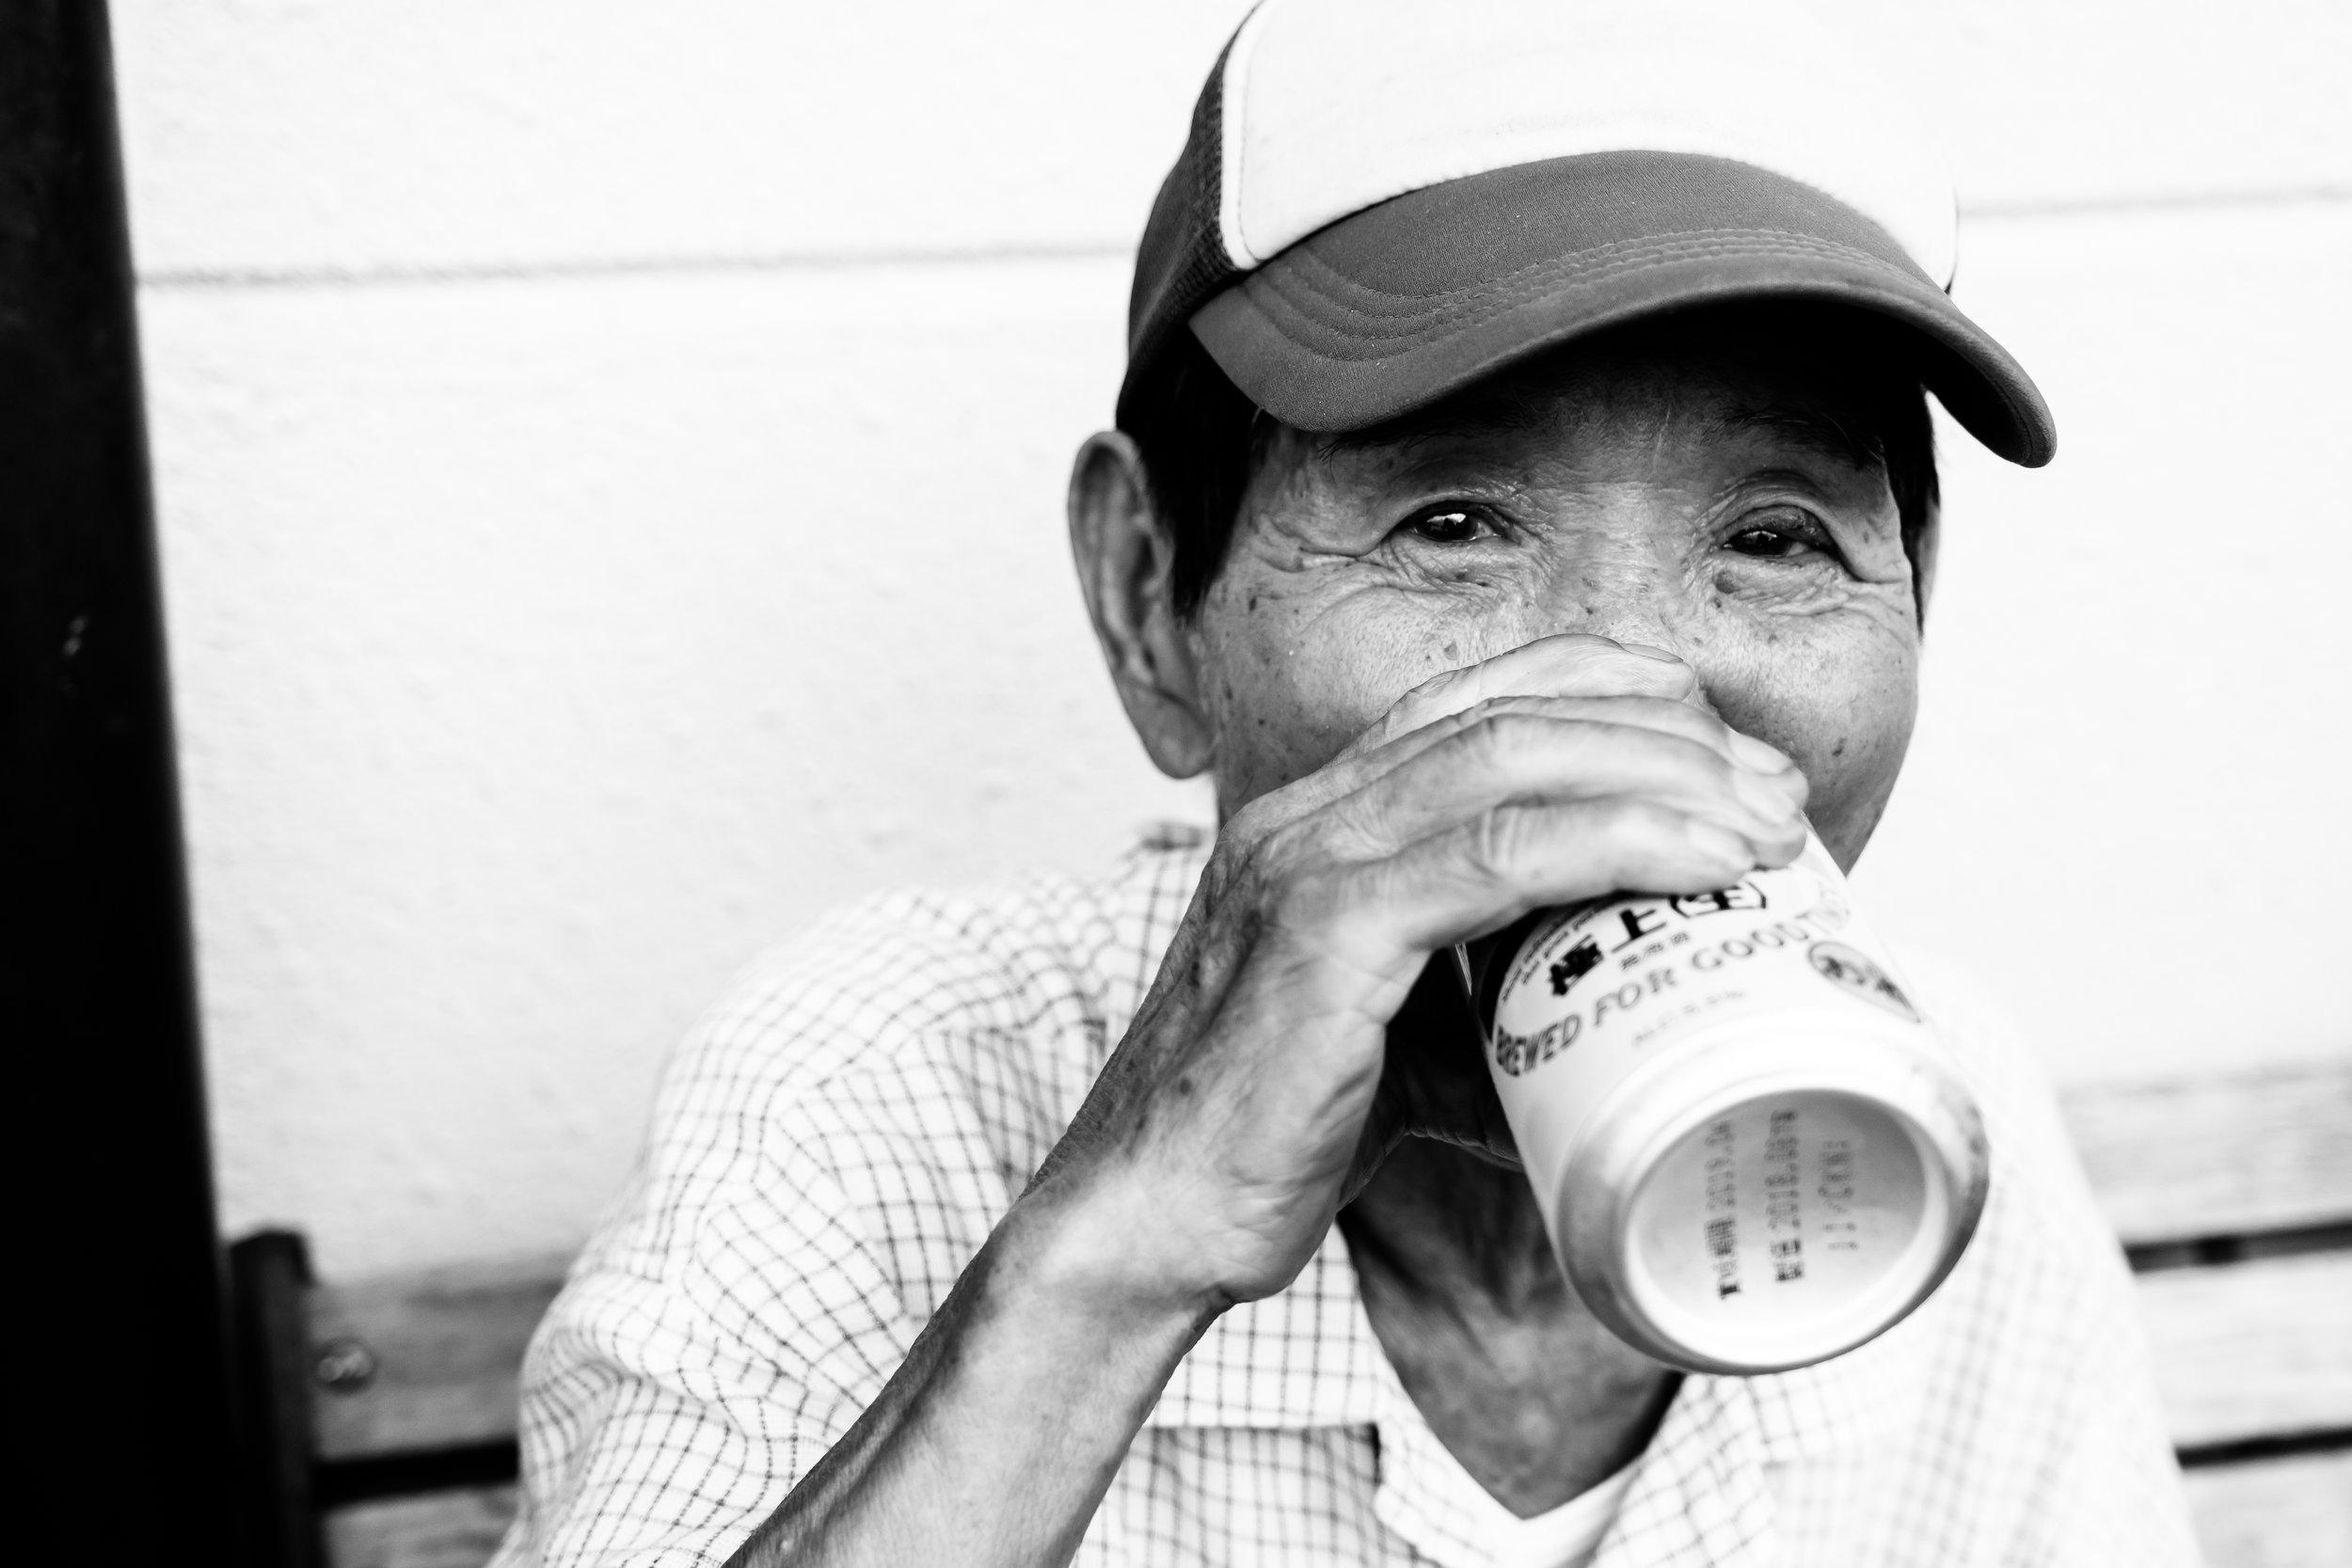 Arishiyama-drinking-man.jpg